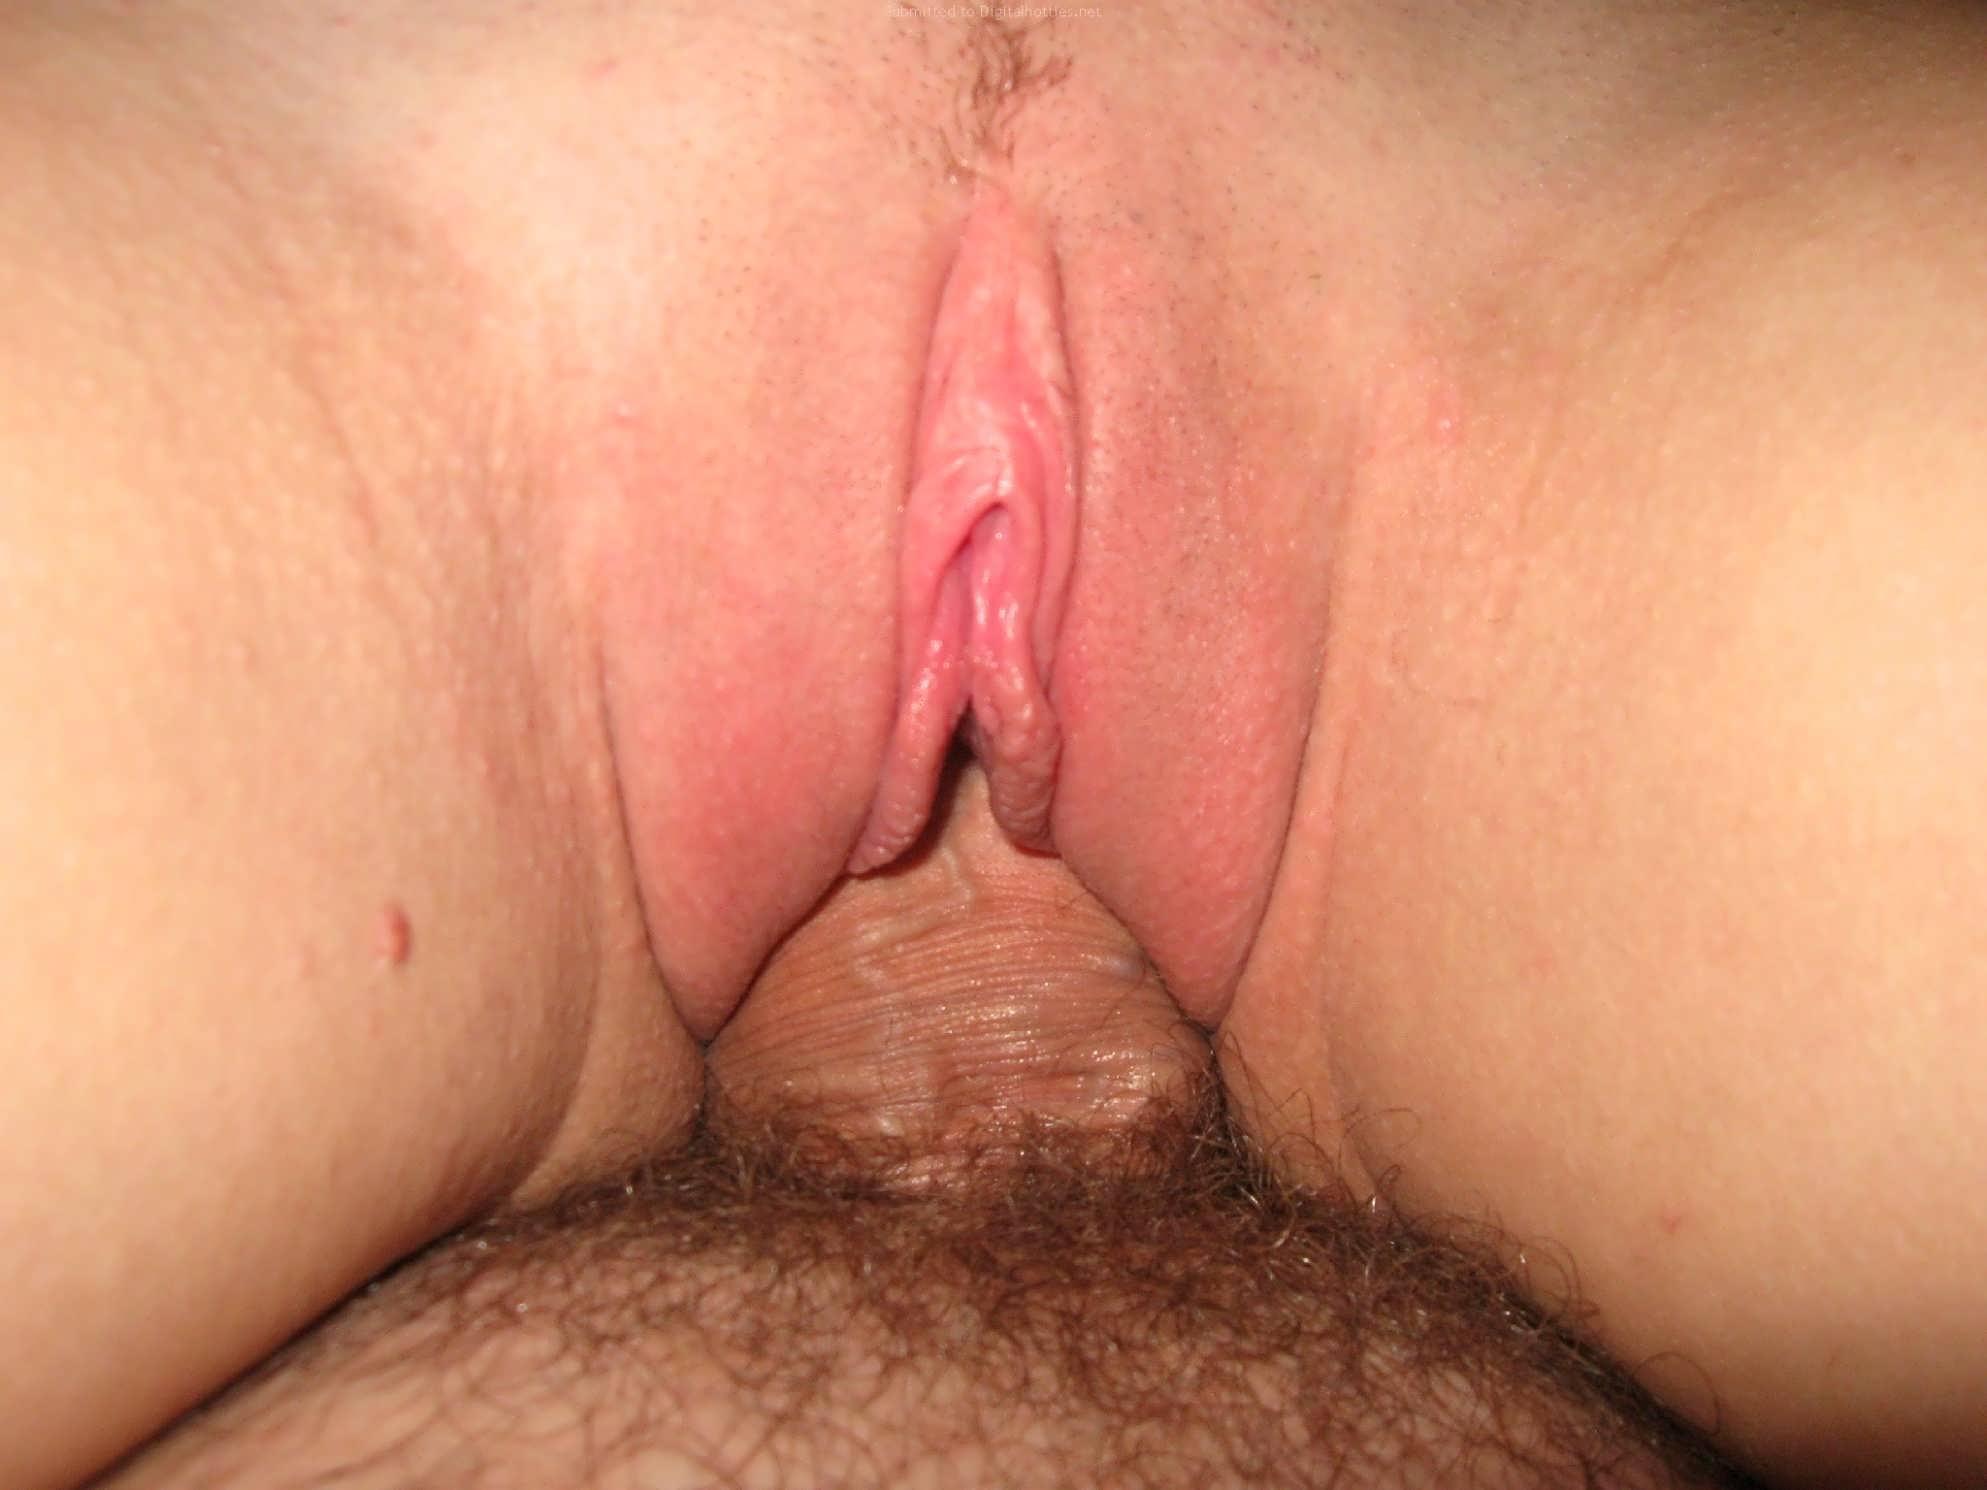 интимные фото женщин при половом акте